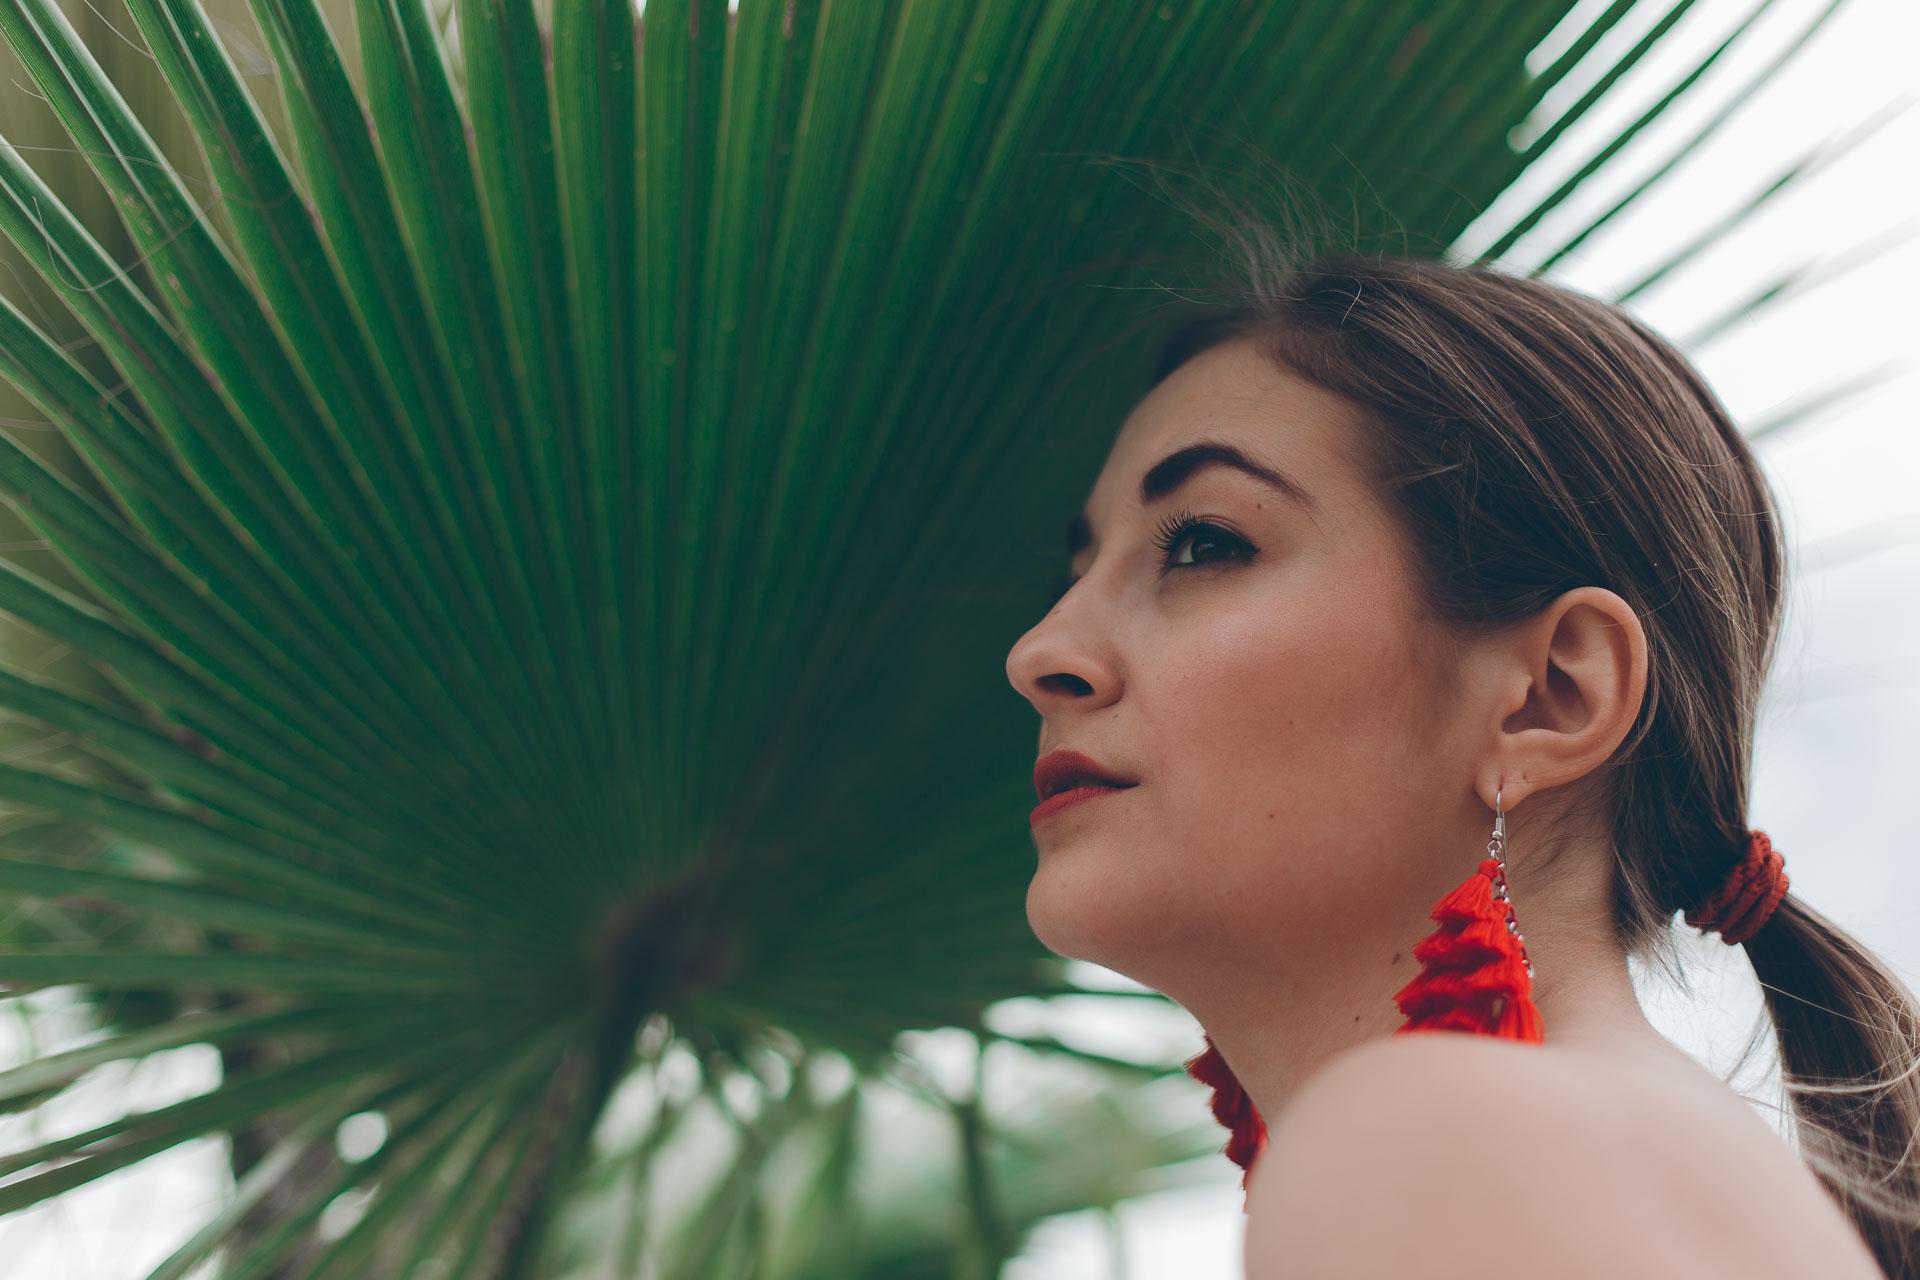 Stimmungsvolles Portrait eines Models unter einem Palmenblatt im botanischen Garten Nymphenburg